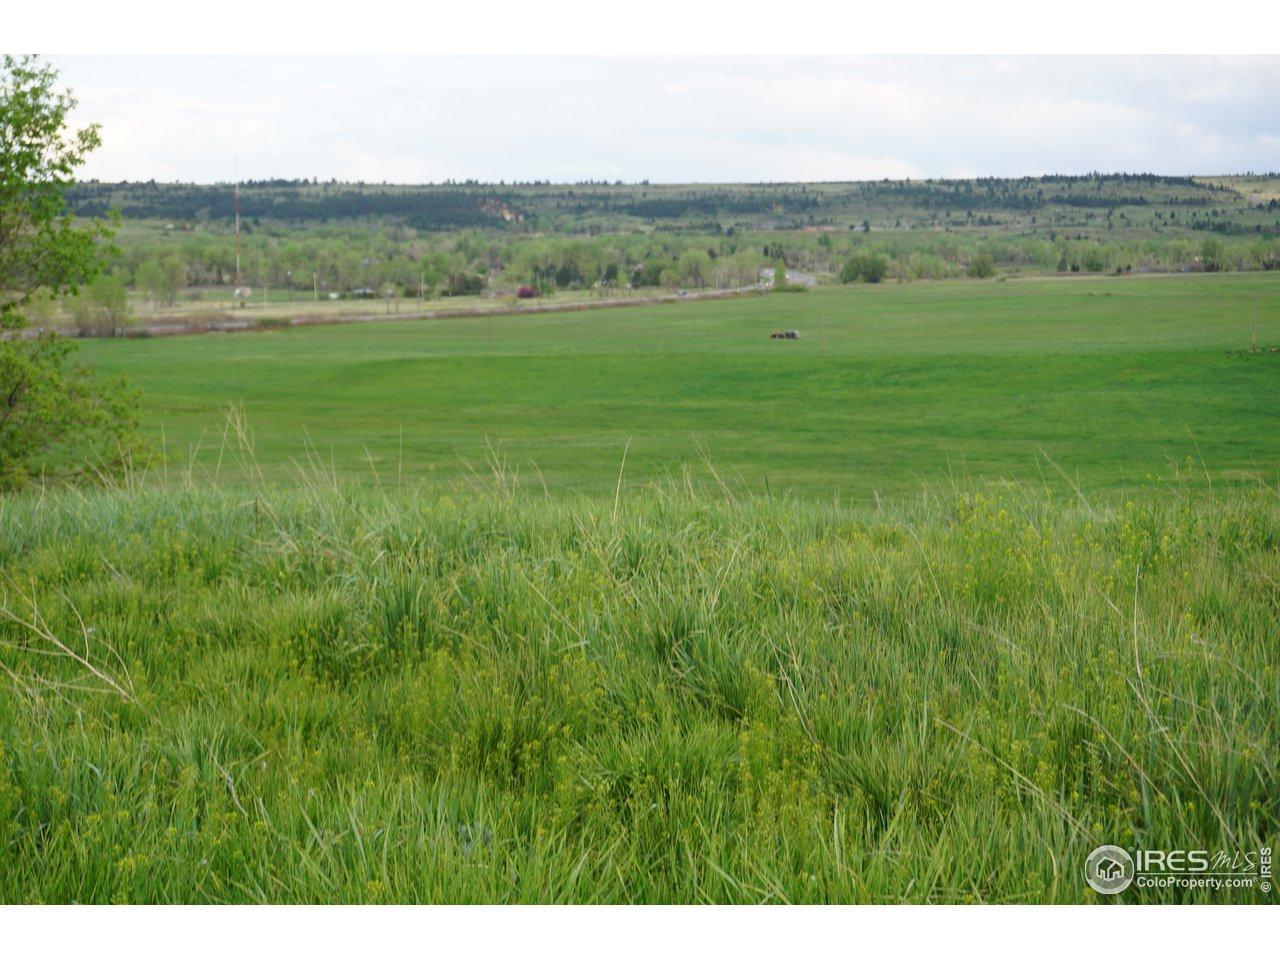 View of Shanahan Ranch